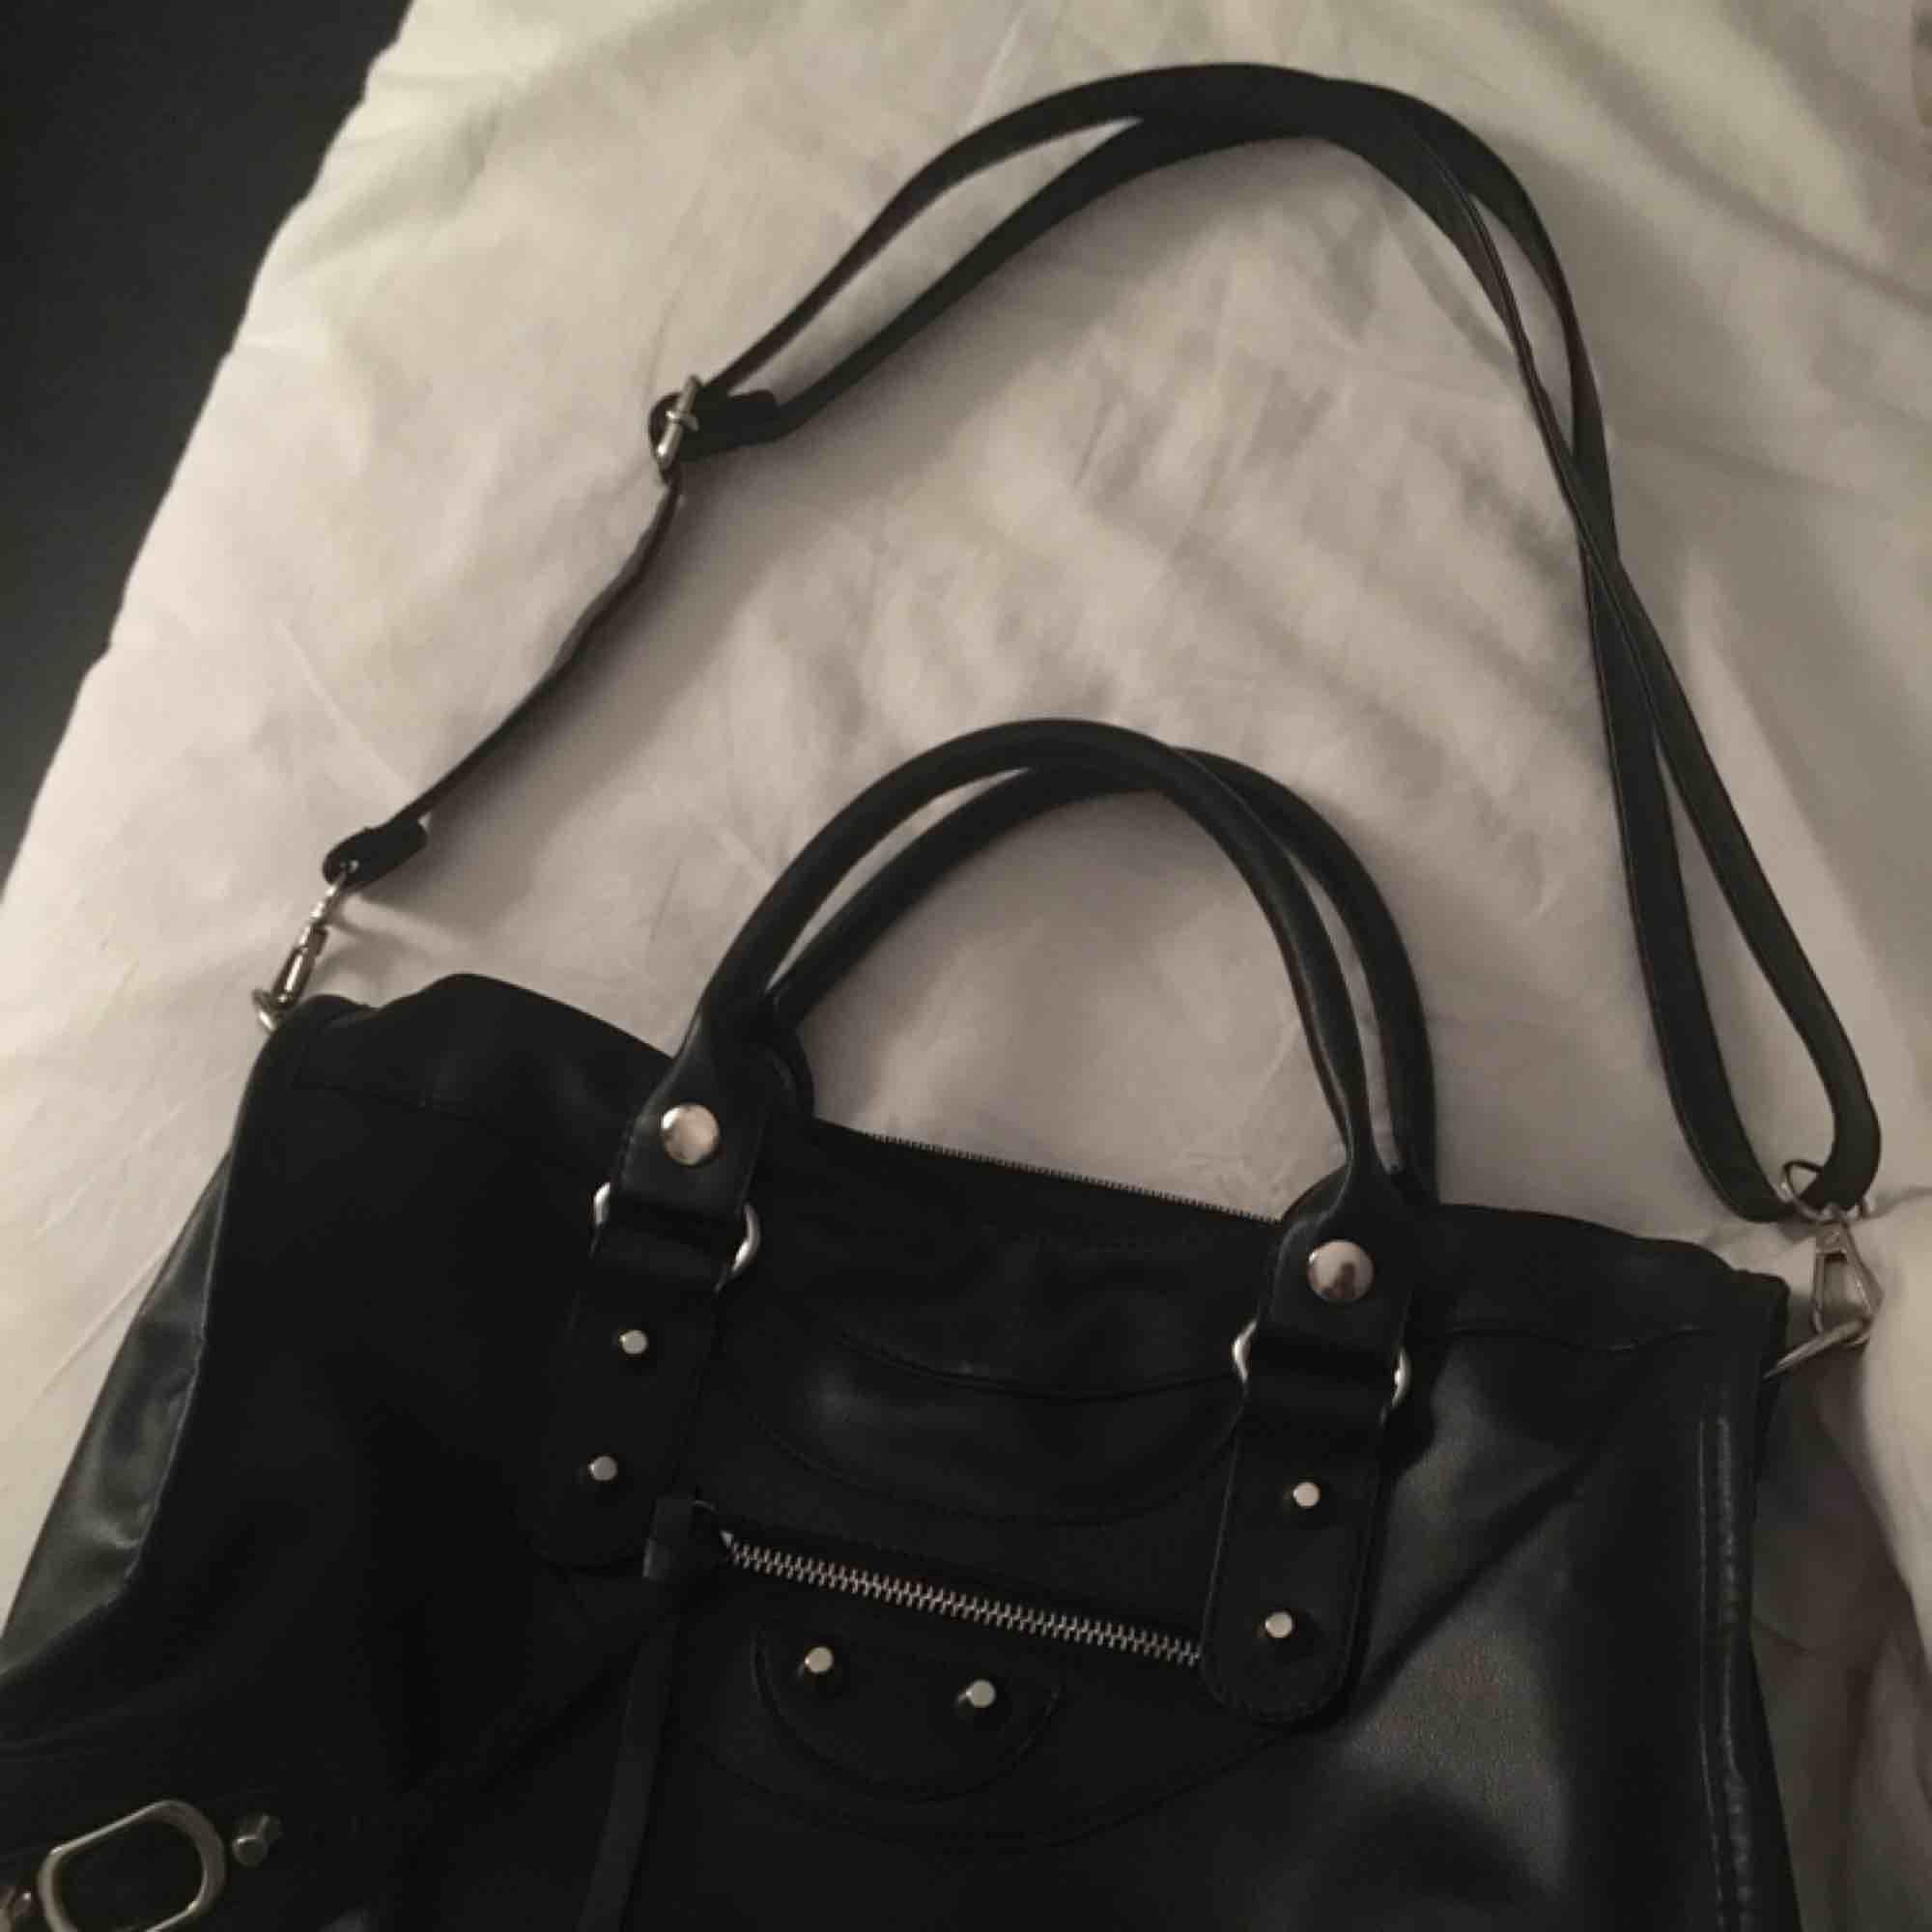 Balenciaga liknande väska Använd 2-3 gånger som helg ny. Accessoarer.